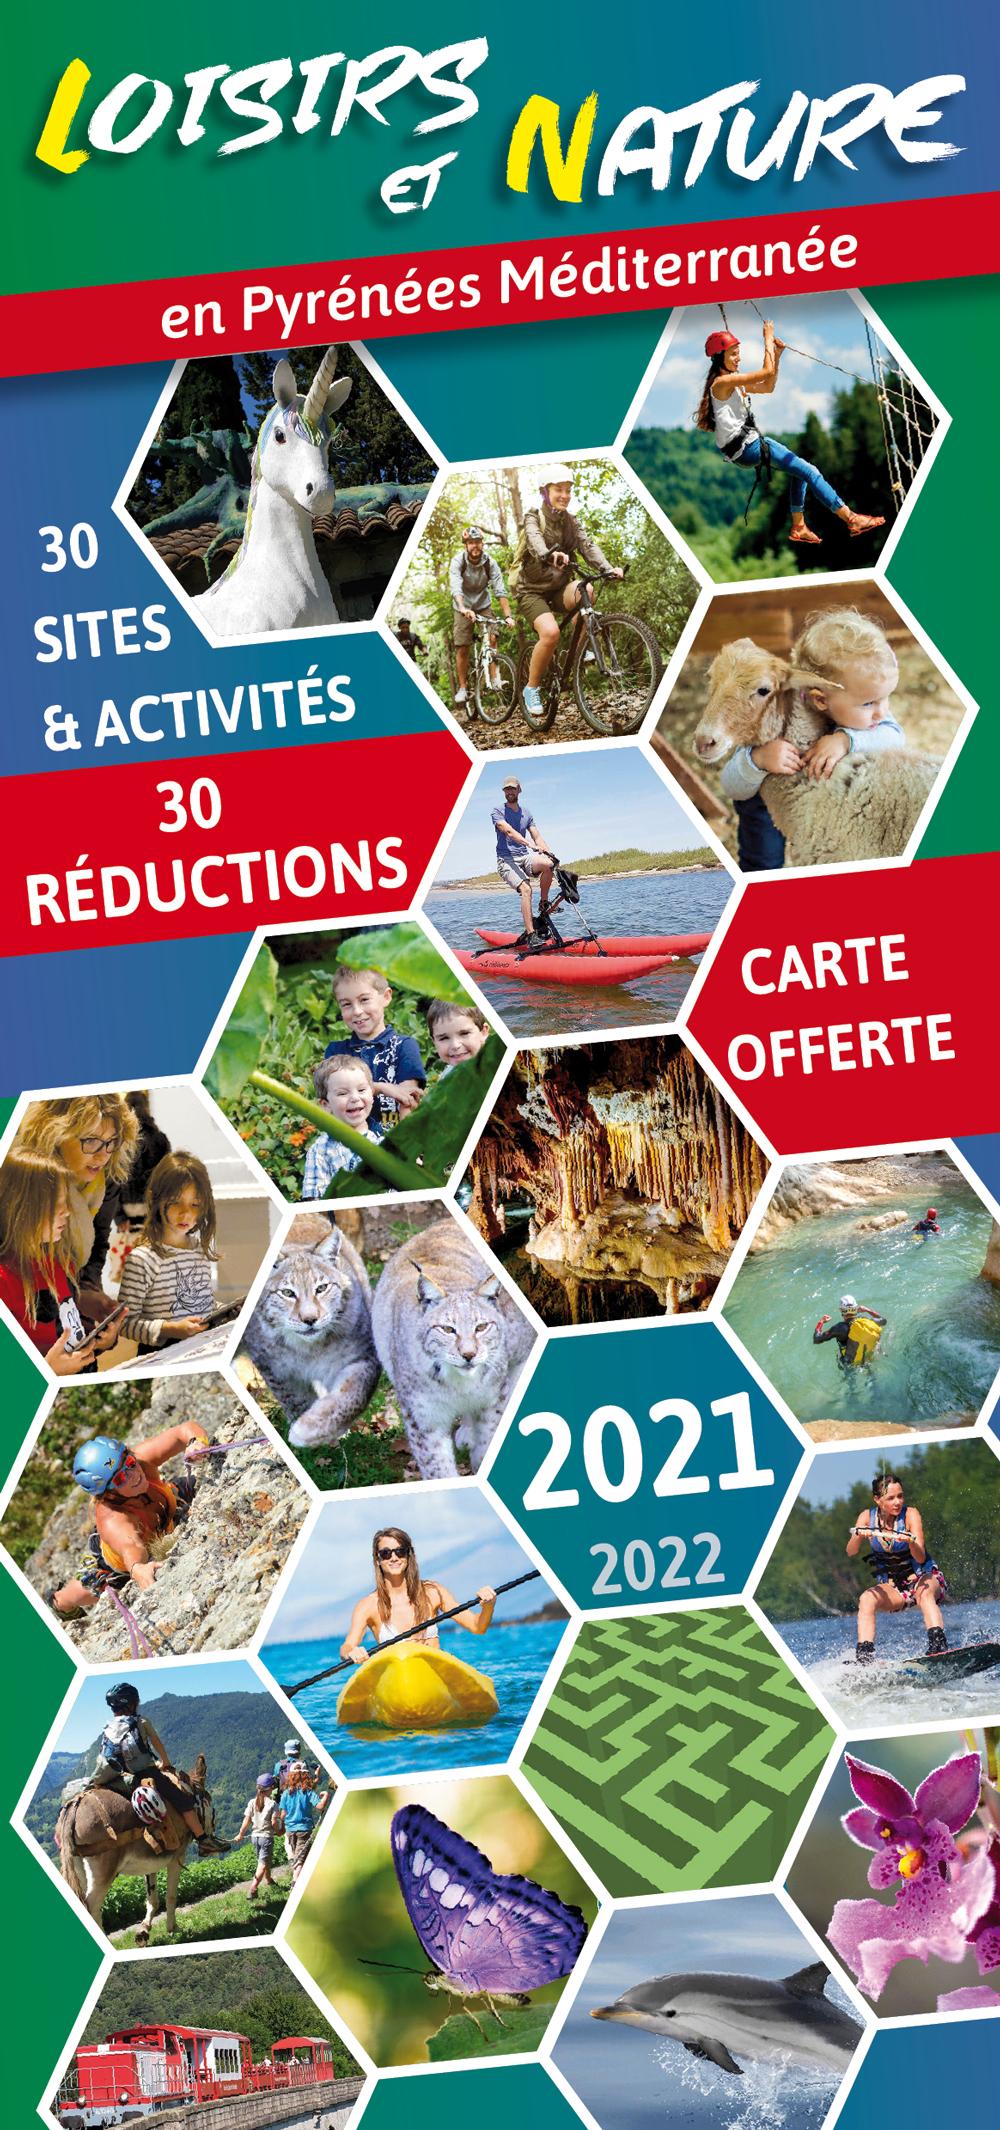 activités partenaires navivoile Loisirs et nature 2021